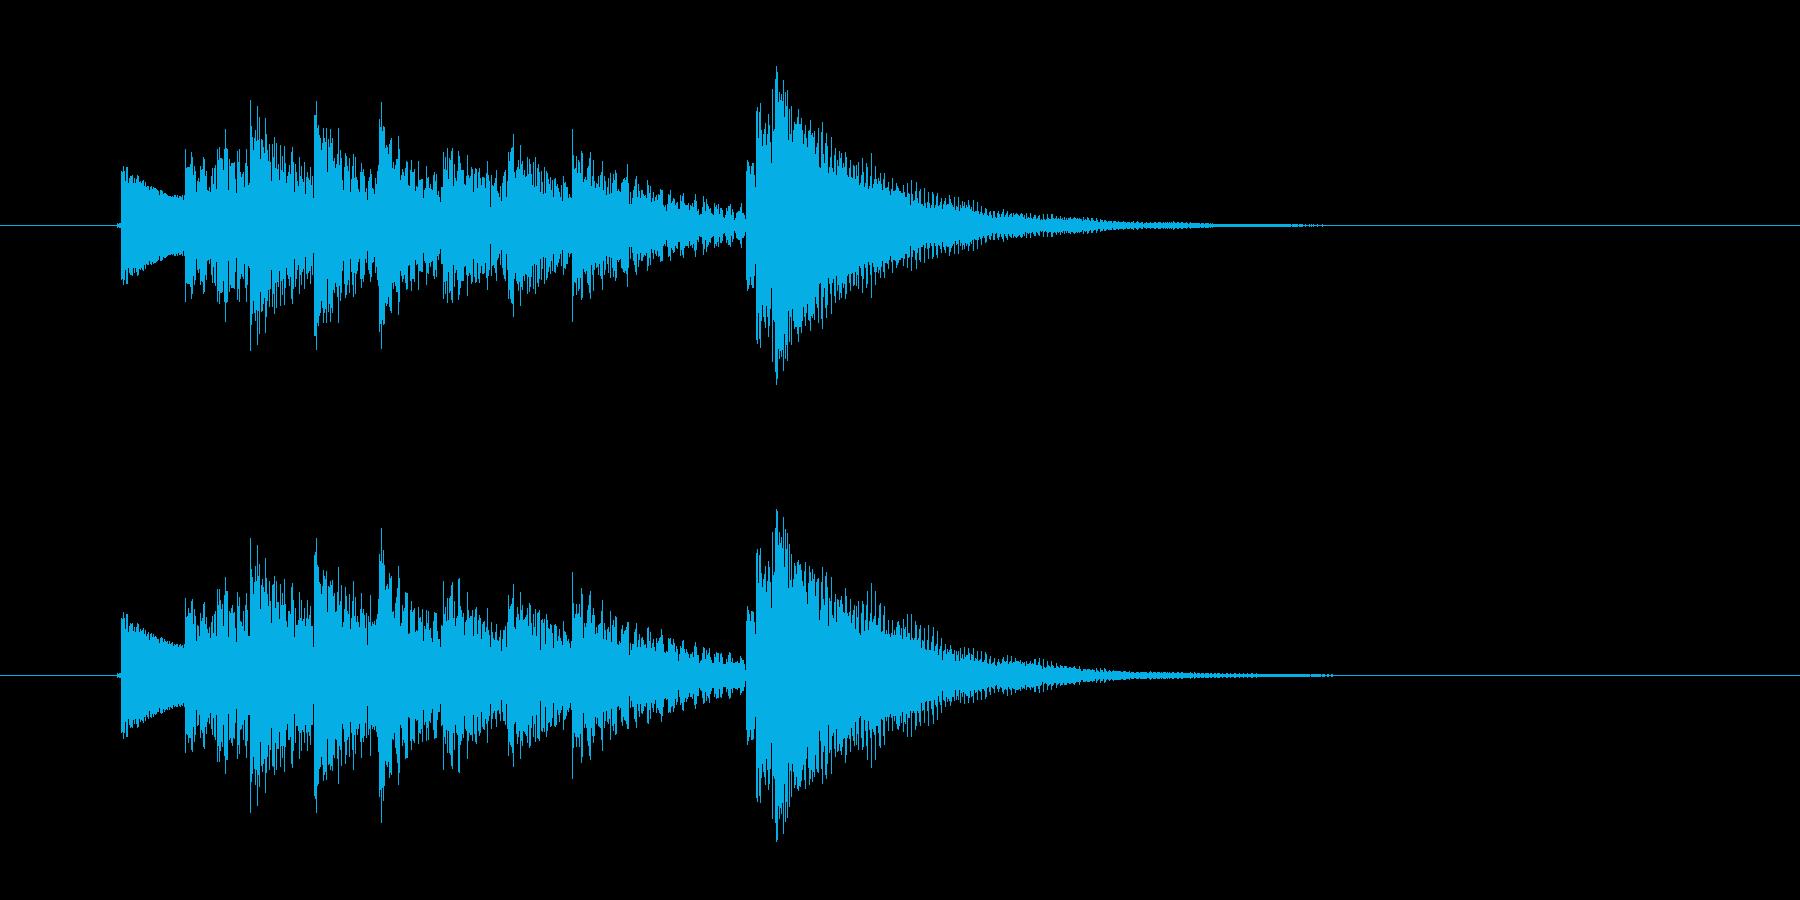 ポンパパパン・・(明るく楽しい鉄琴音)の再生済みの波形